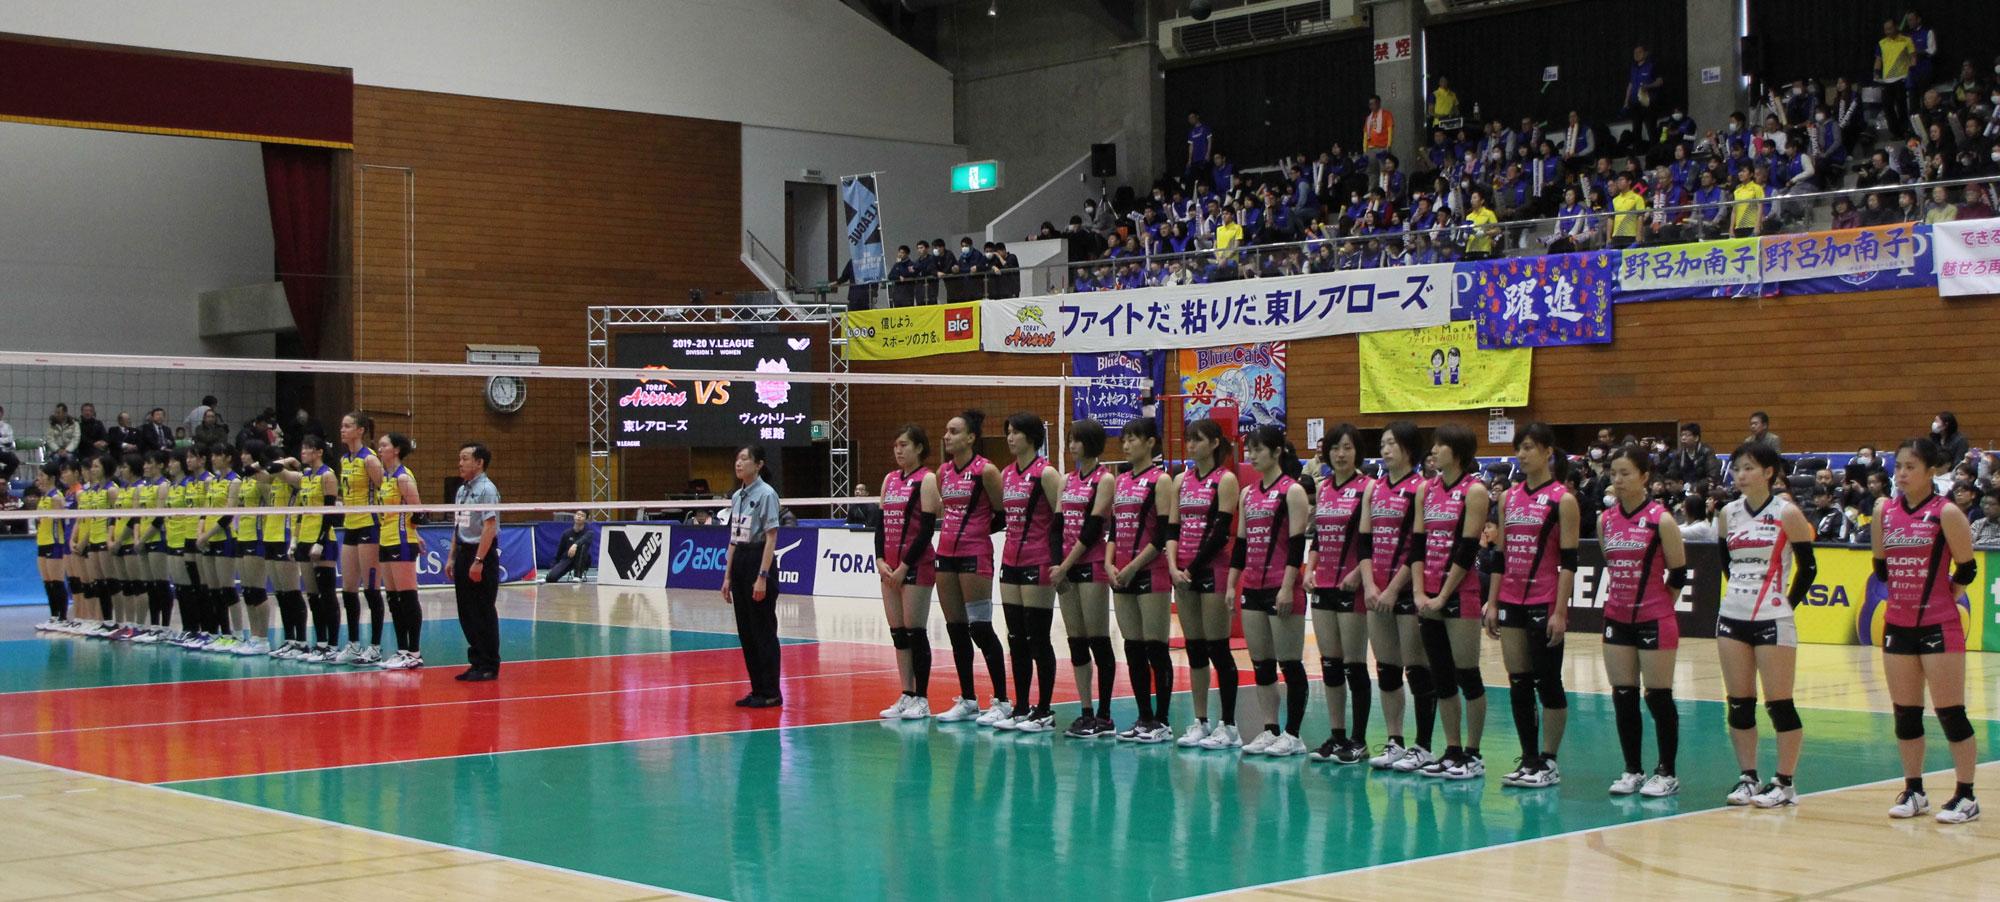 2019.12.01 五所川原市体育館 vs東レアローズ